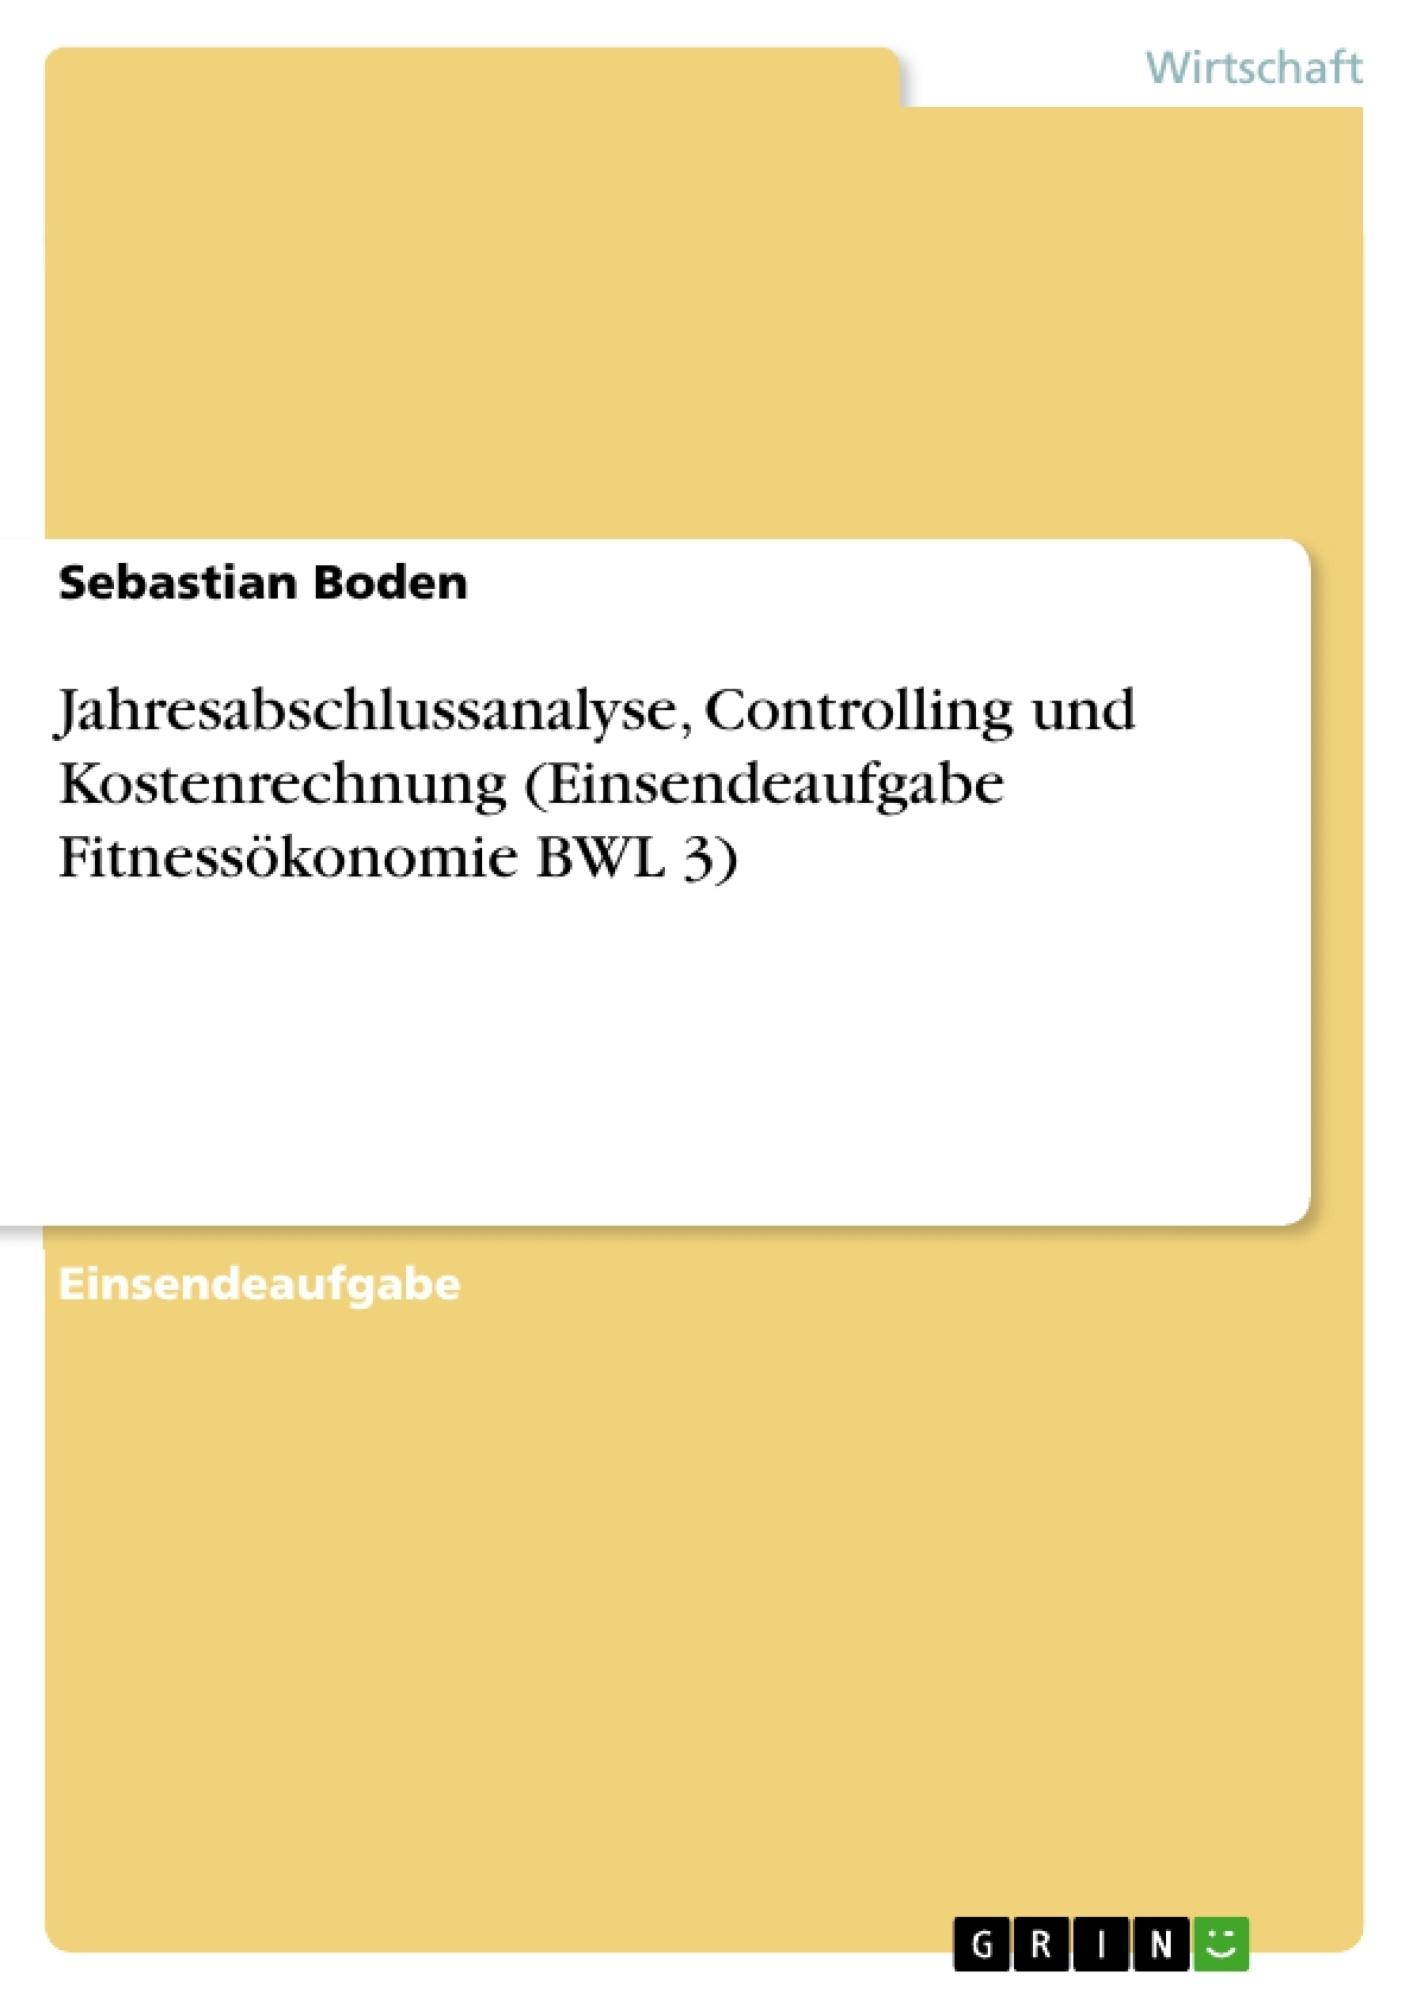 Titel: Jahresabschlussanalyse, Controlling und Kostenrechnung (Einsendeaufgabe Fitnessökonomie BWL 3)